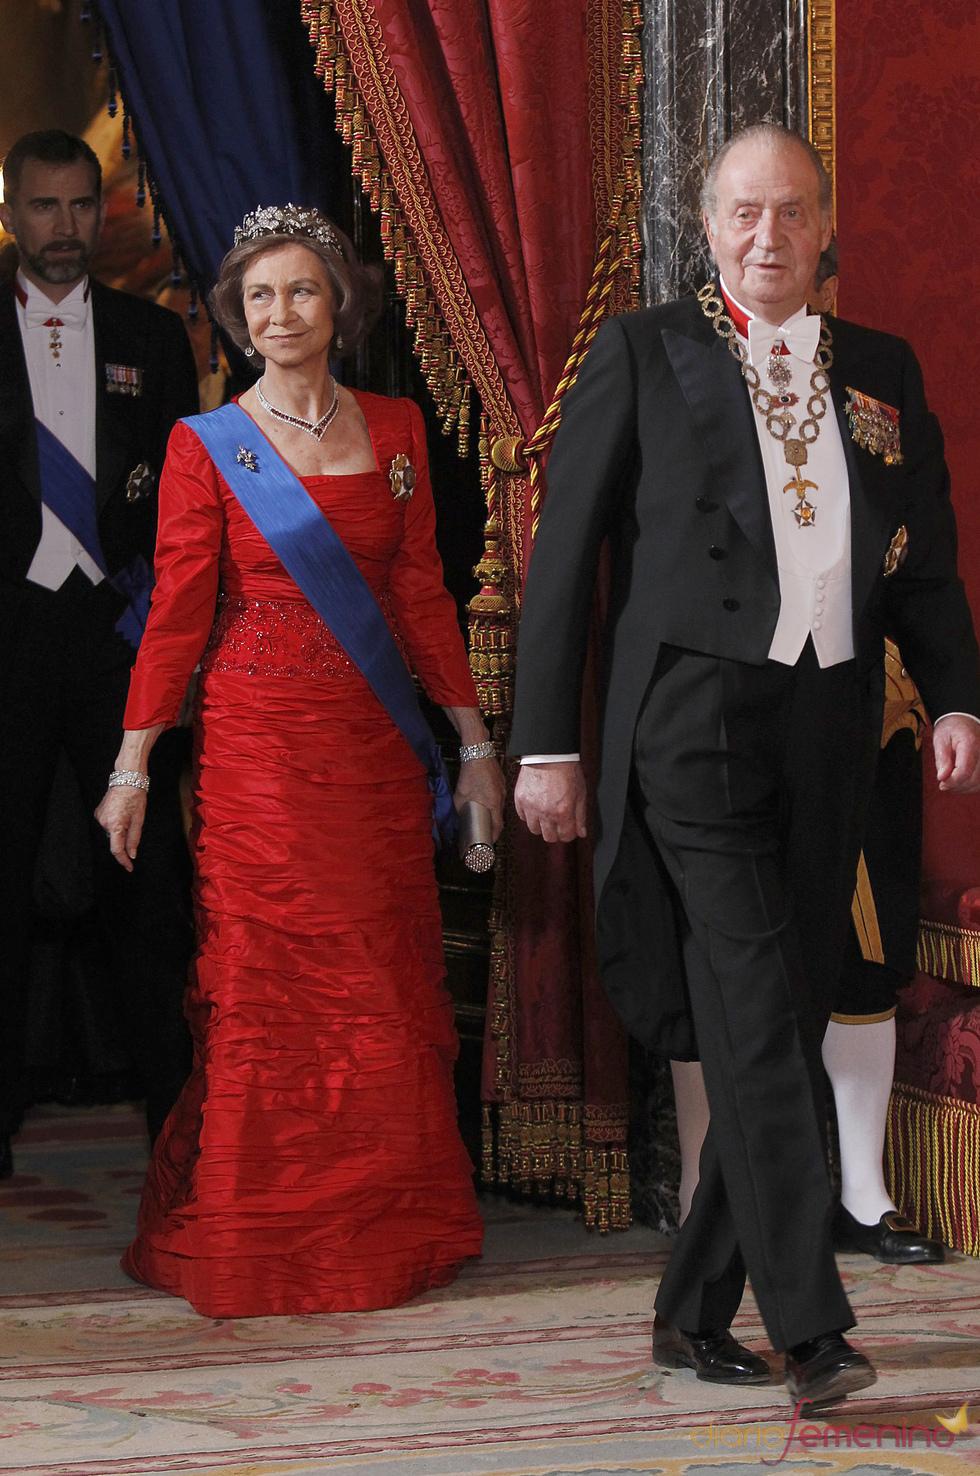 Los Reyes de España vestidos de gala